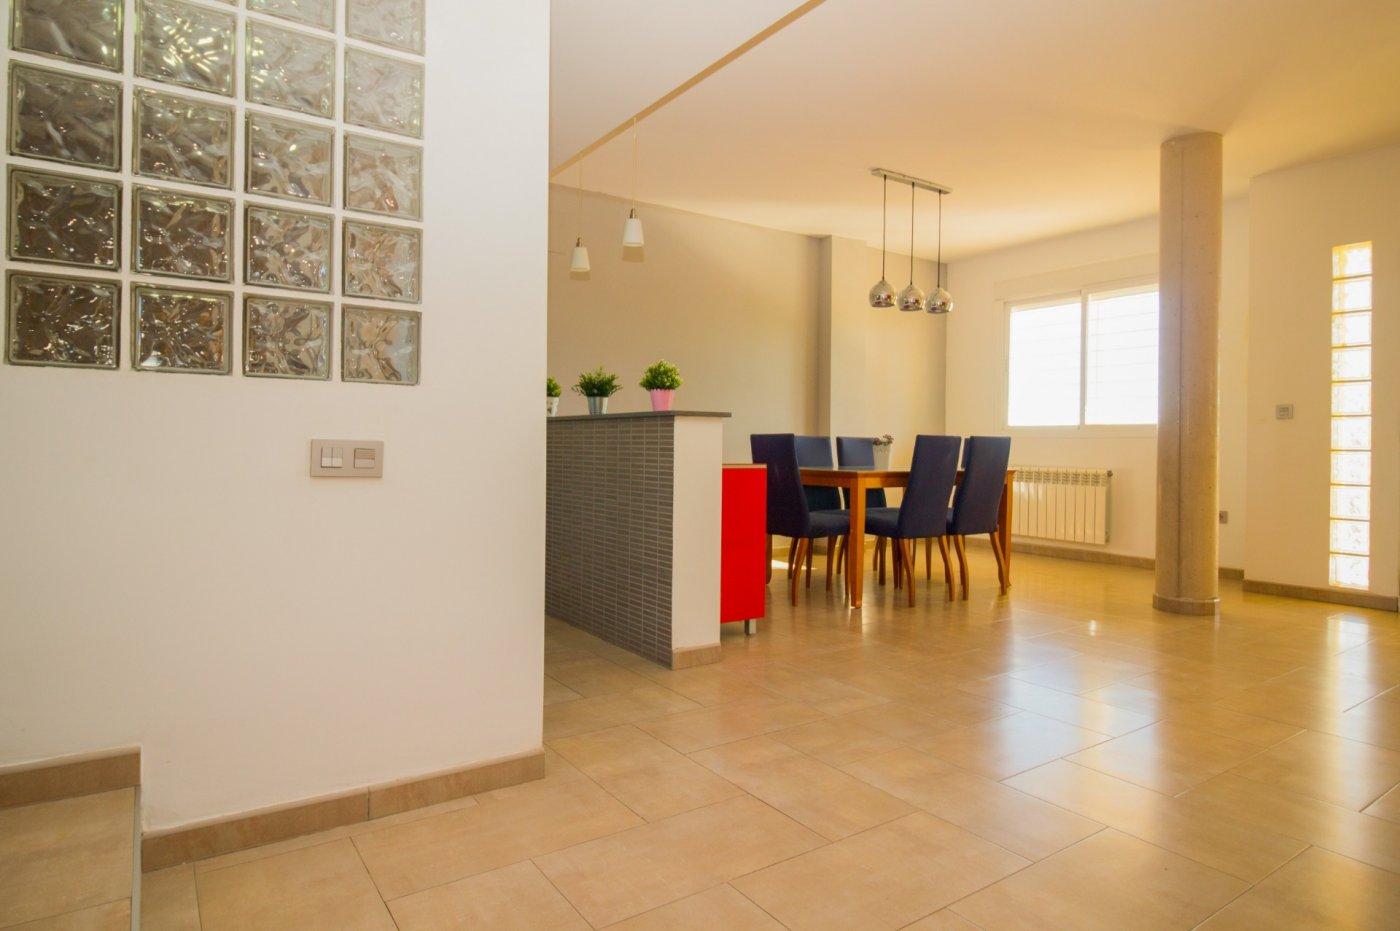 Villa de capricho en la marjalería - imagenInmueble33